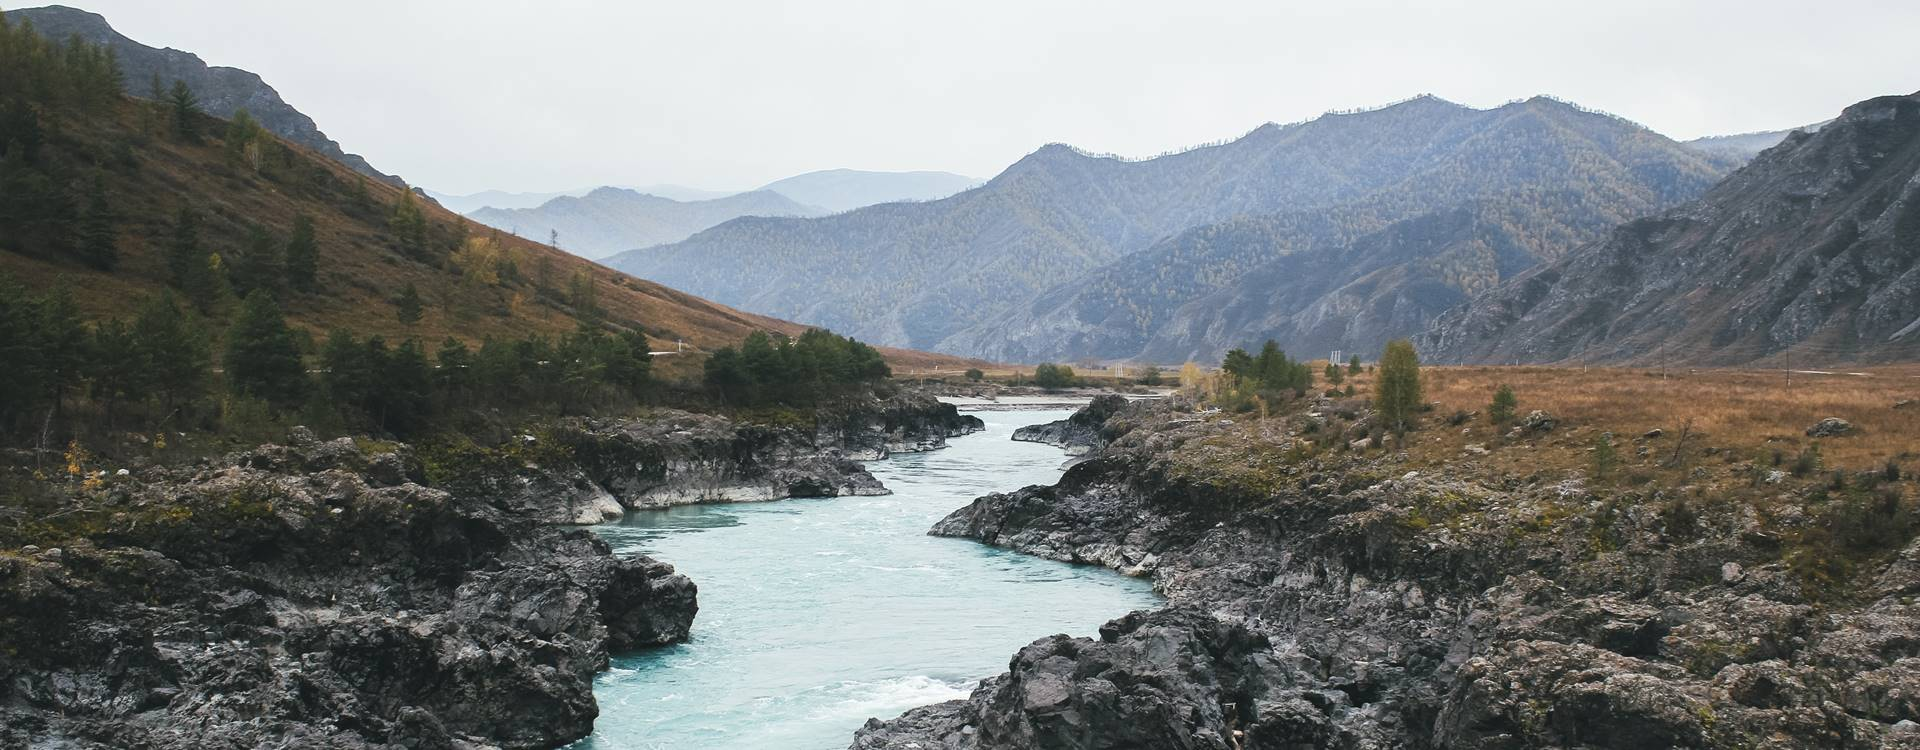 Необычные места в Горном Алтае: что точно стоит увидеть